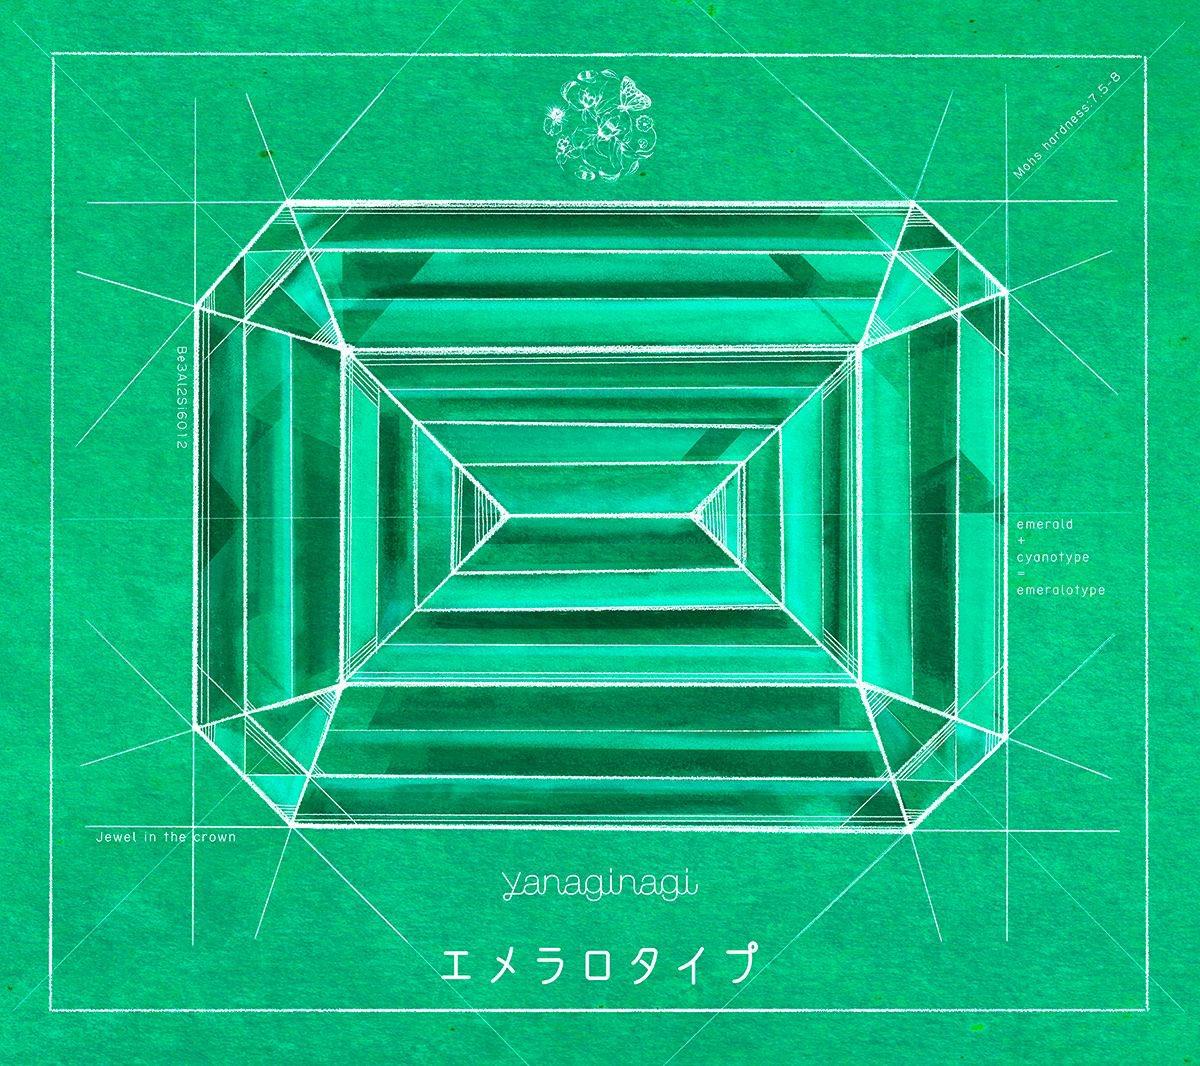 やなぎなぎ - エメラロタイプ [2020.12.09+MP3+RAR]